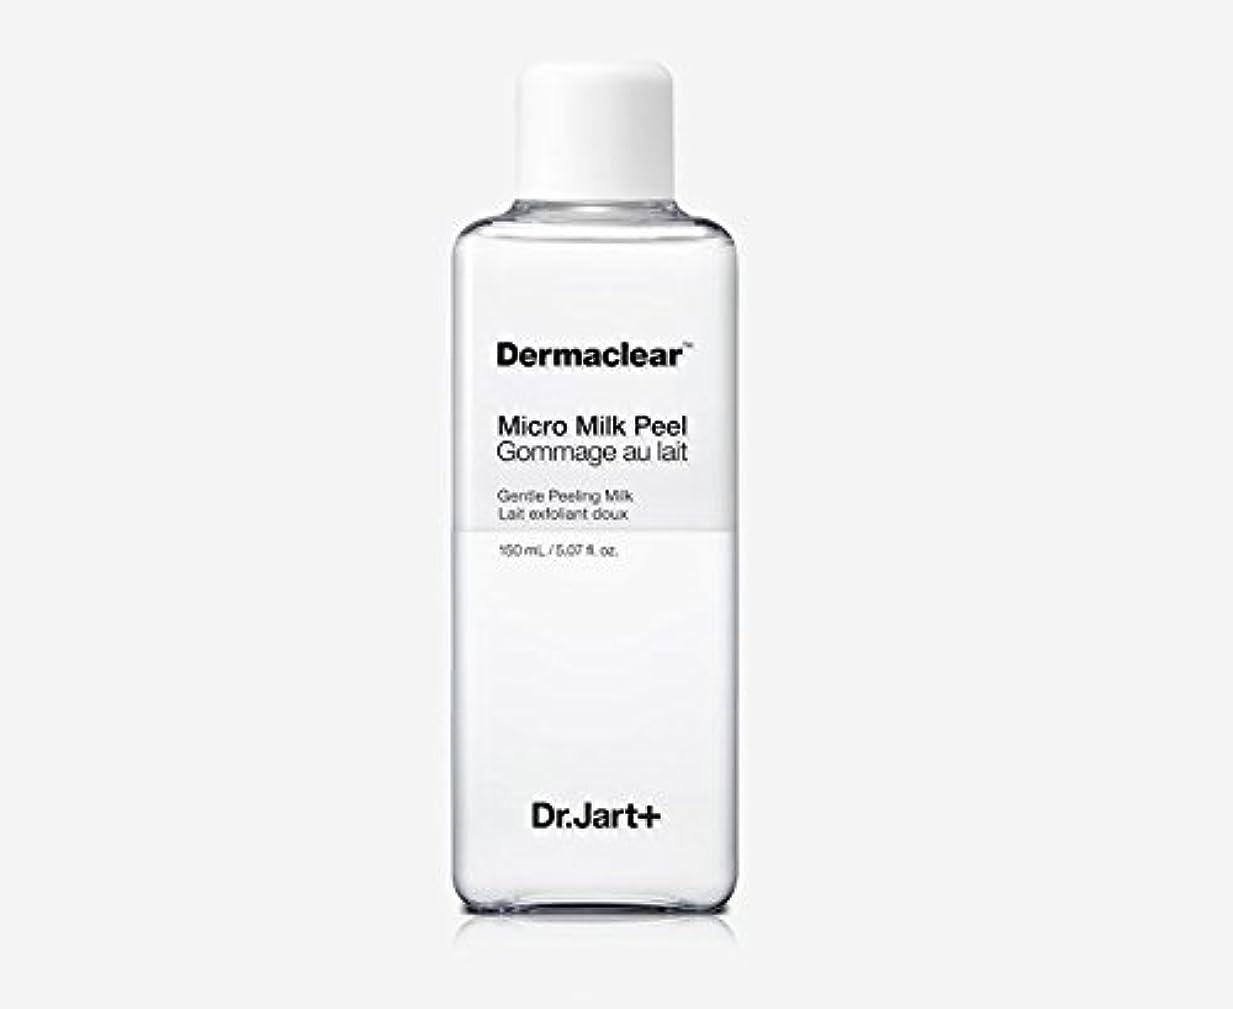 ヘッジ哲学博士添加剤[ドクタージャルト]Dermaclear Micro Milk Peel 150ml/[ドクタージャルト]ダーマクリアマイクロミルクピール150ml [並行輸入品]